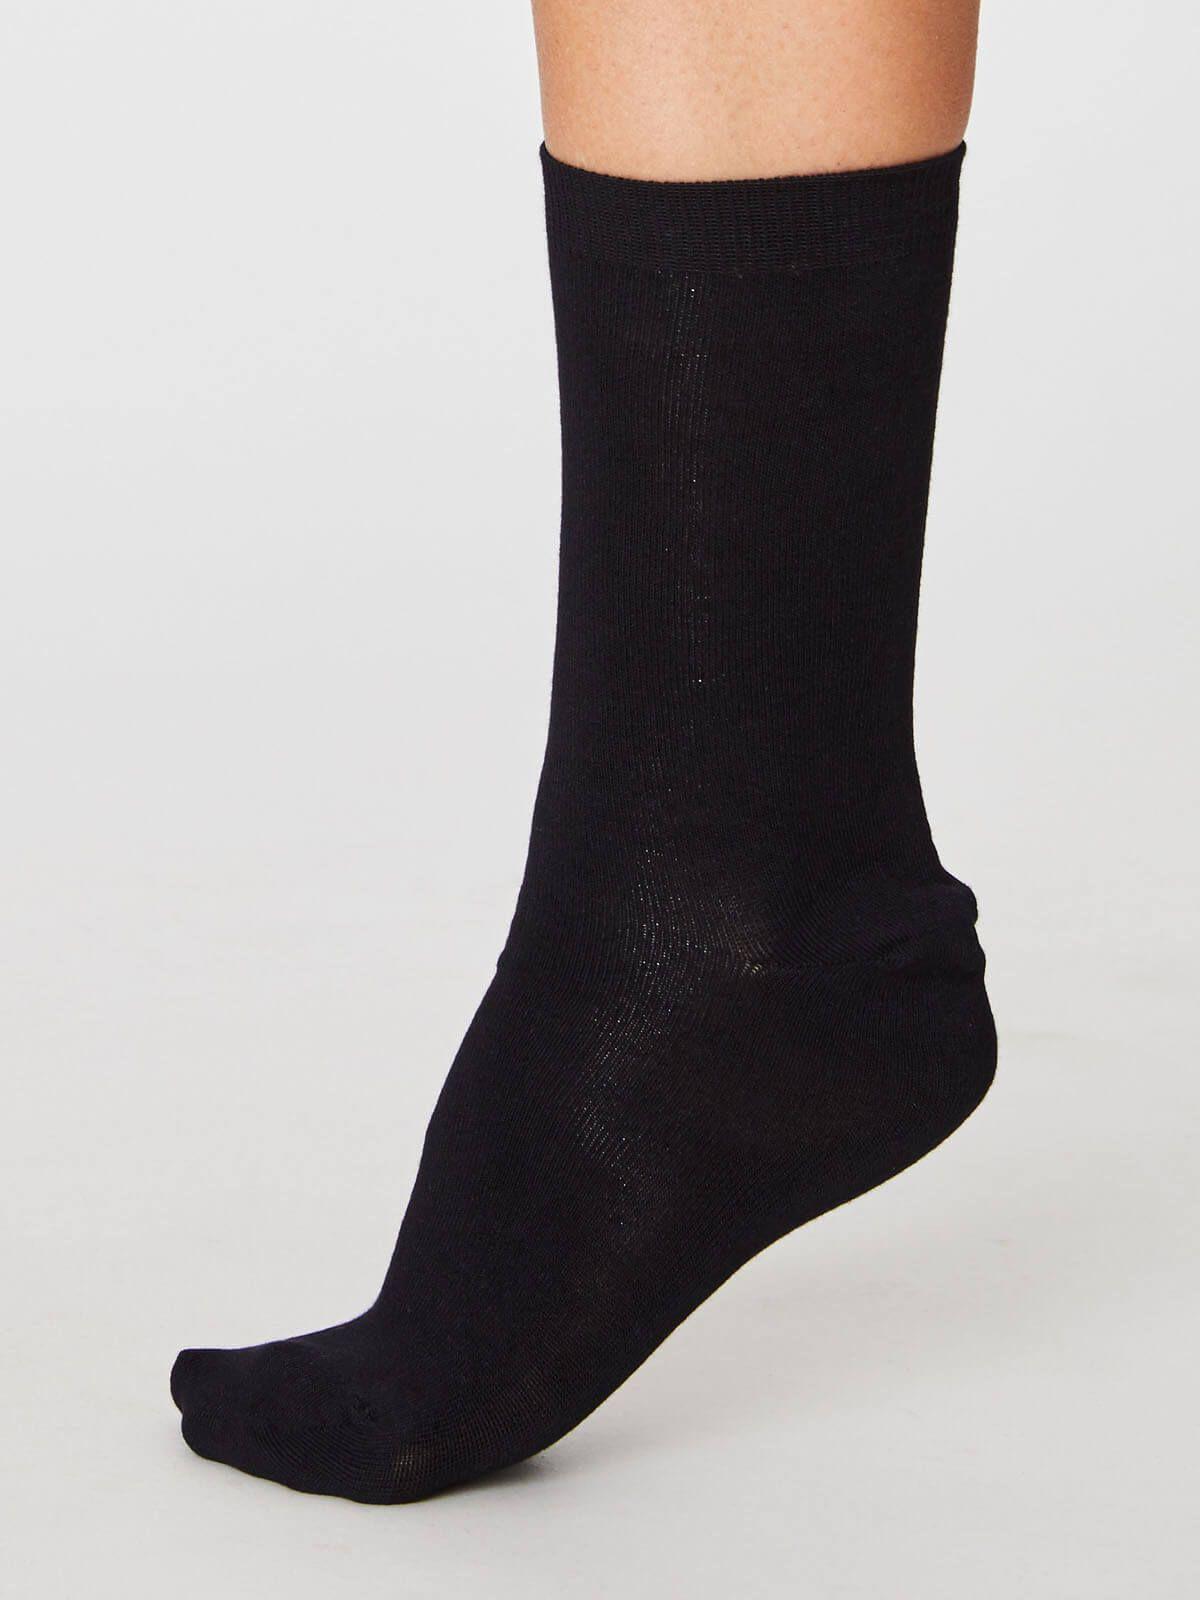 Bamboe sokken zwart from The Blind Spot